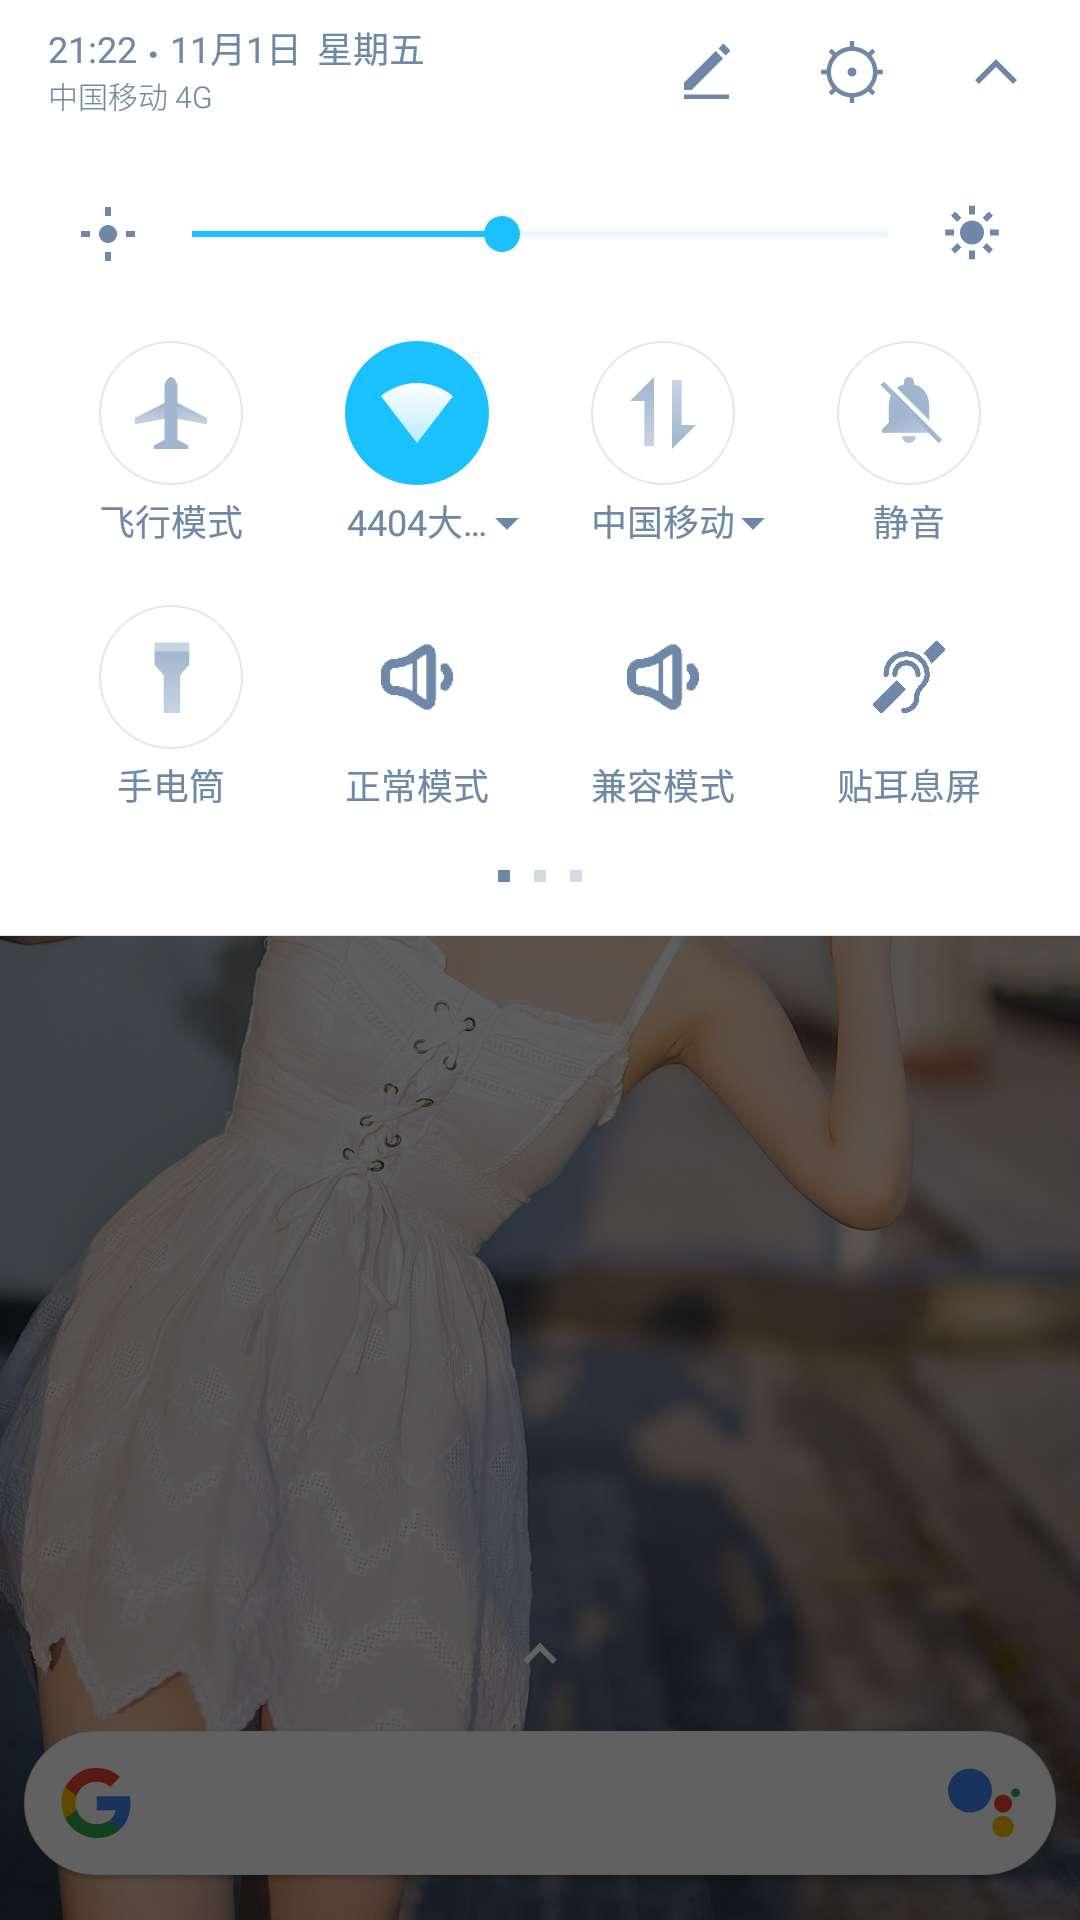 【分享】完全静音 V1.7 Android